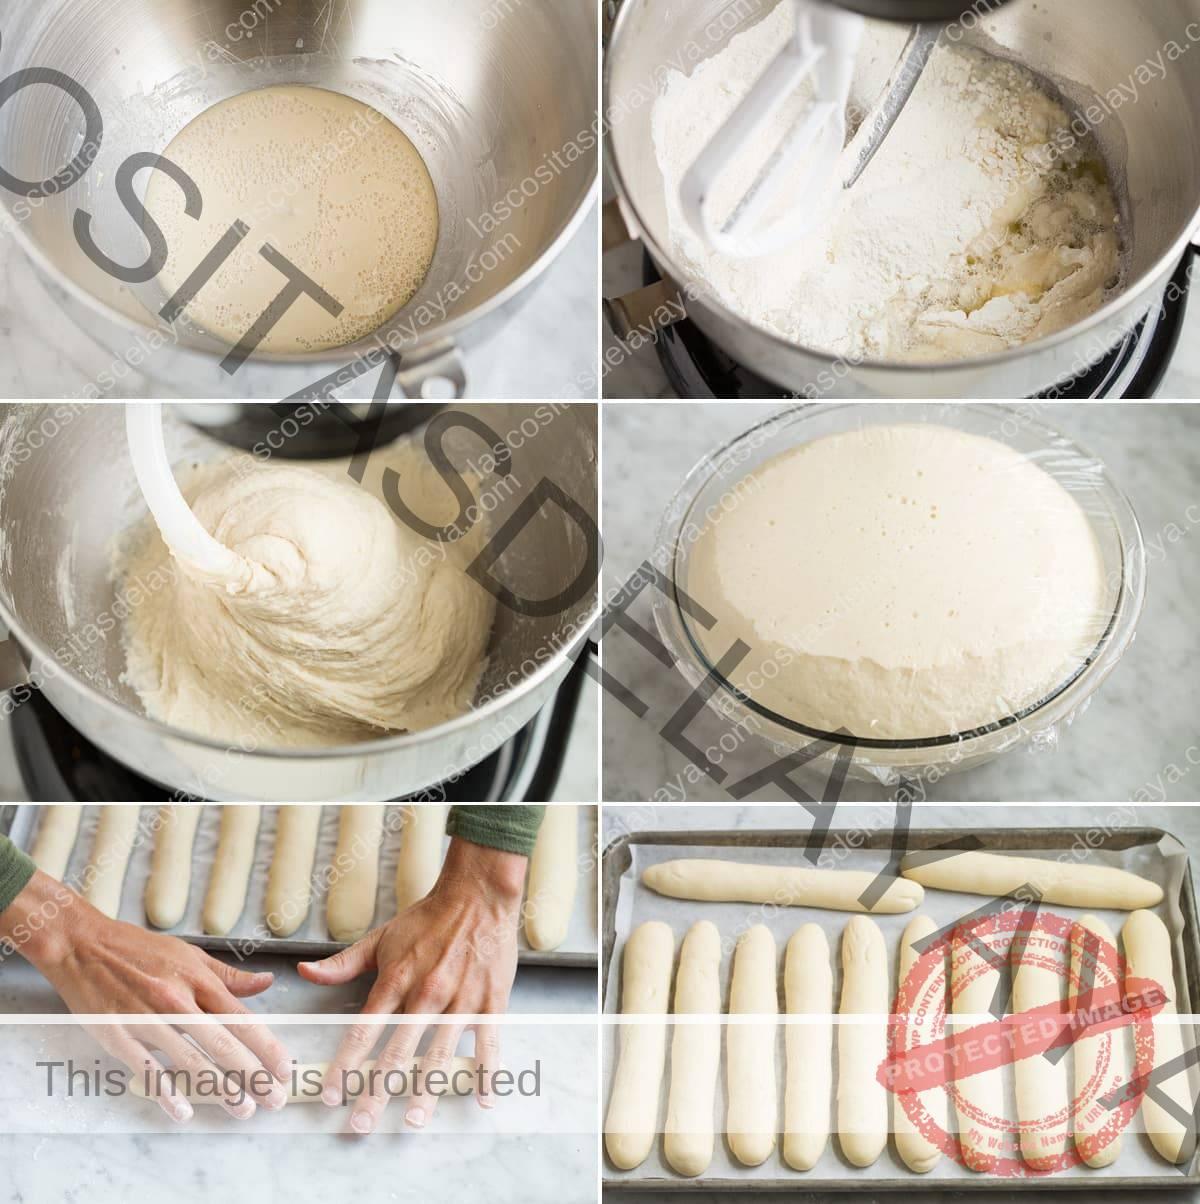 Pasos que muestran cómo hacer palitos de pan caseros